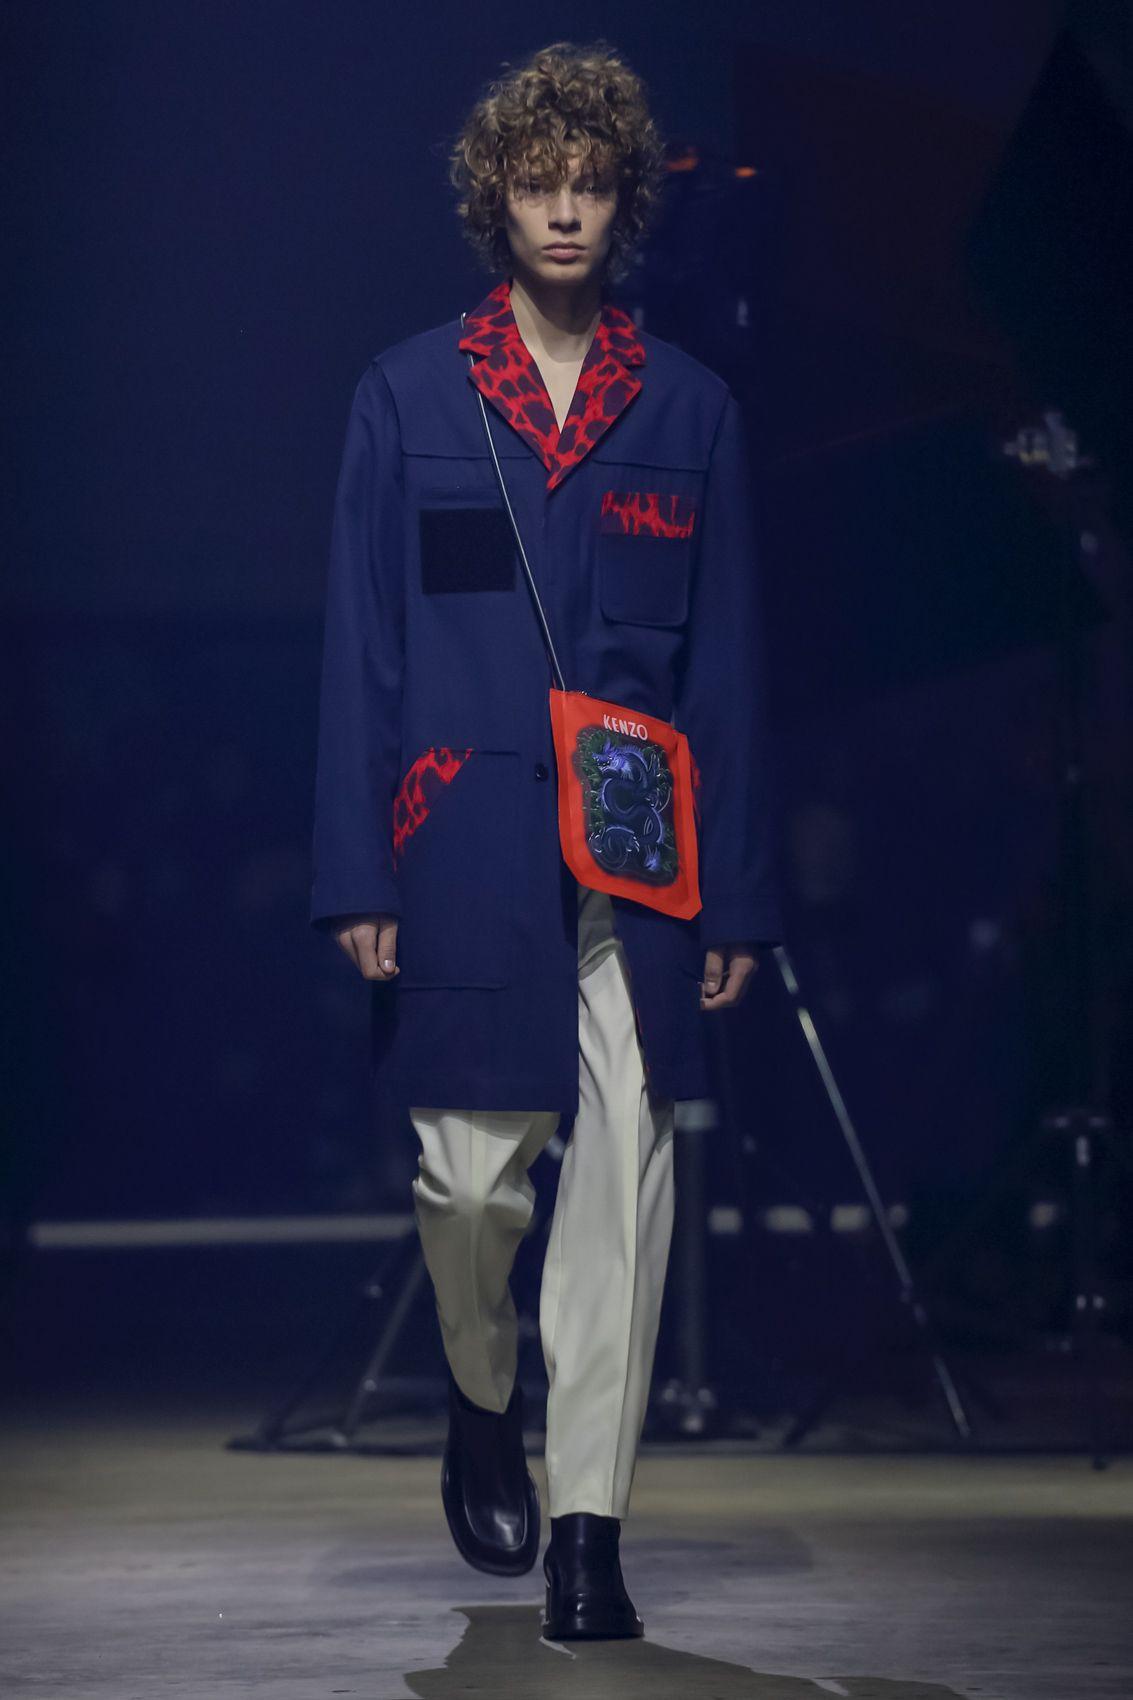 2f6e85ba67ea Kenzo Men   Women Menswear Fall Winter 2018 Paris  Kenzo  PFW   parisfashionweek  menswear  runway  fashion